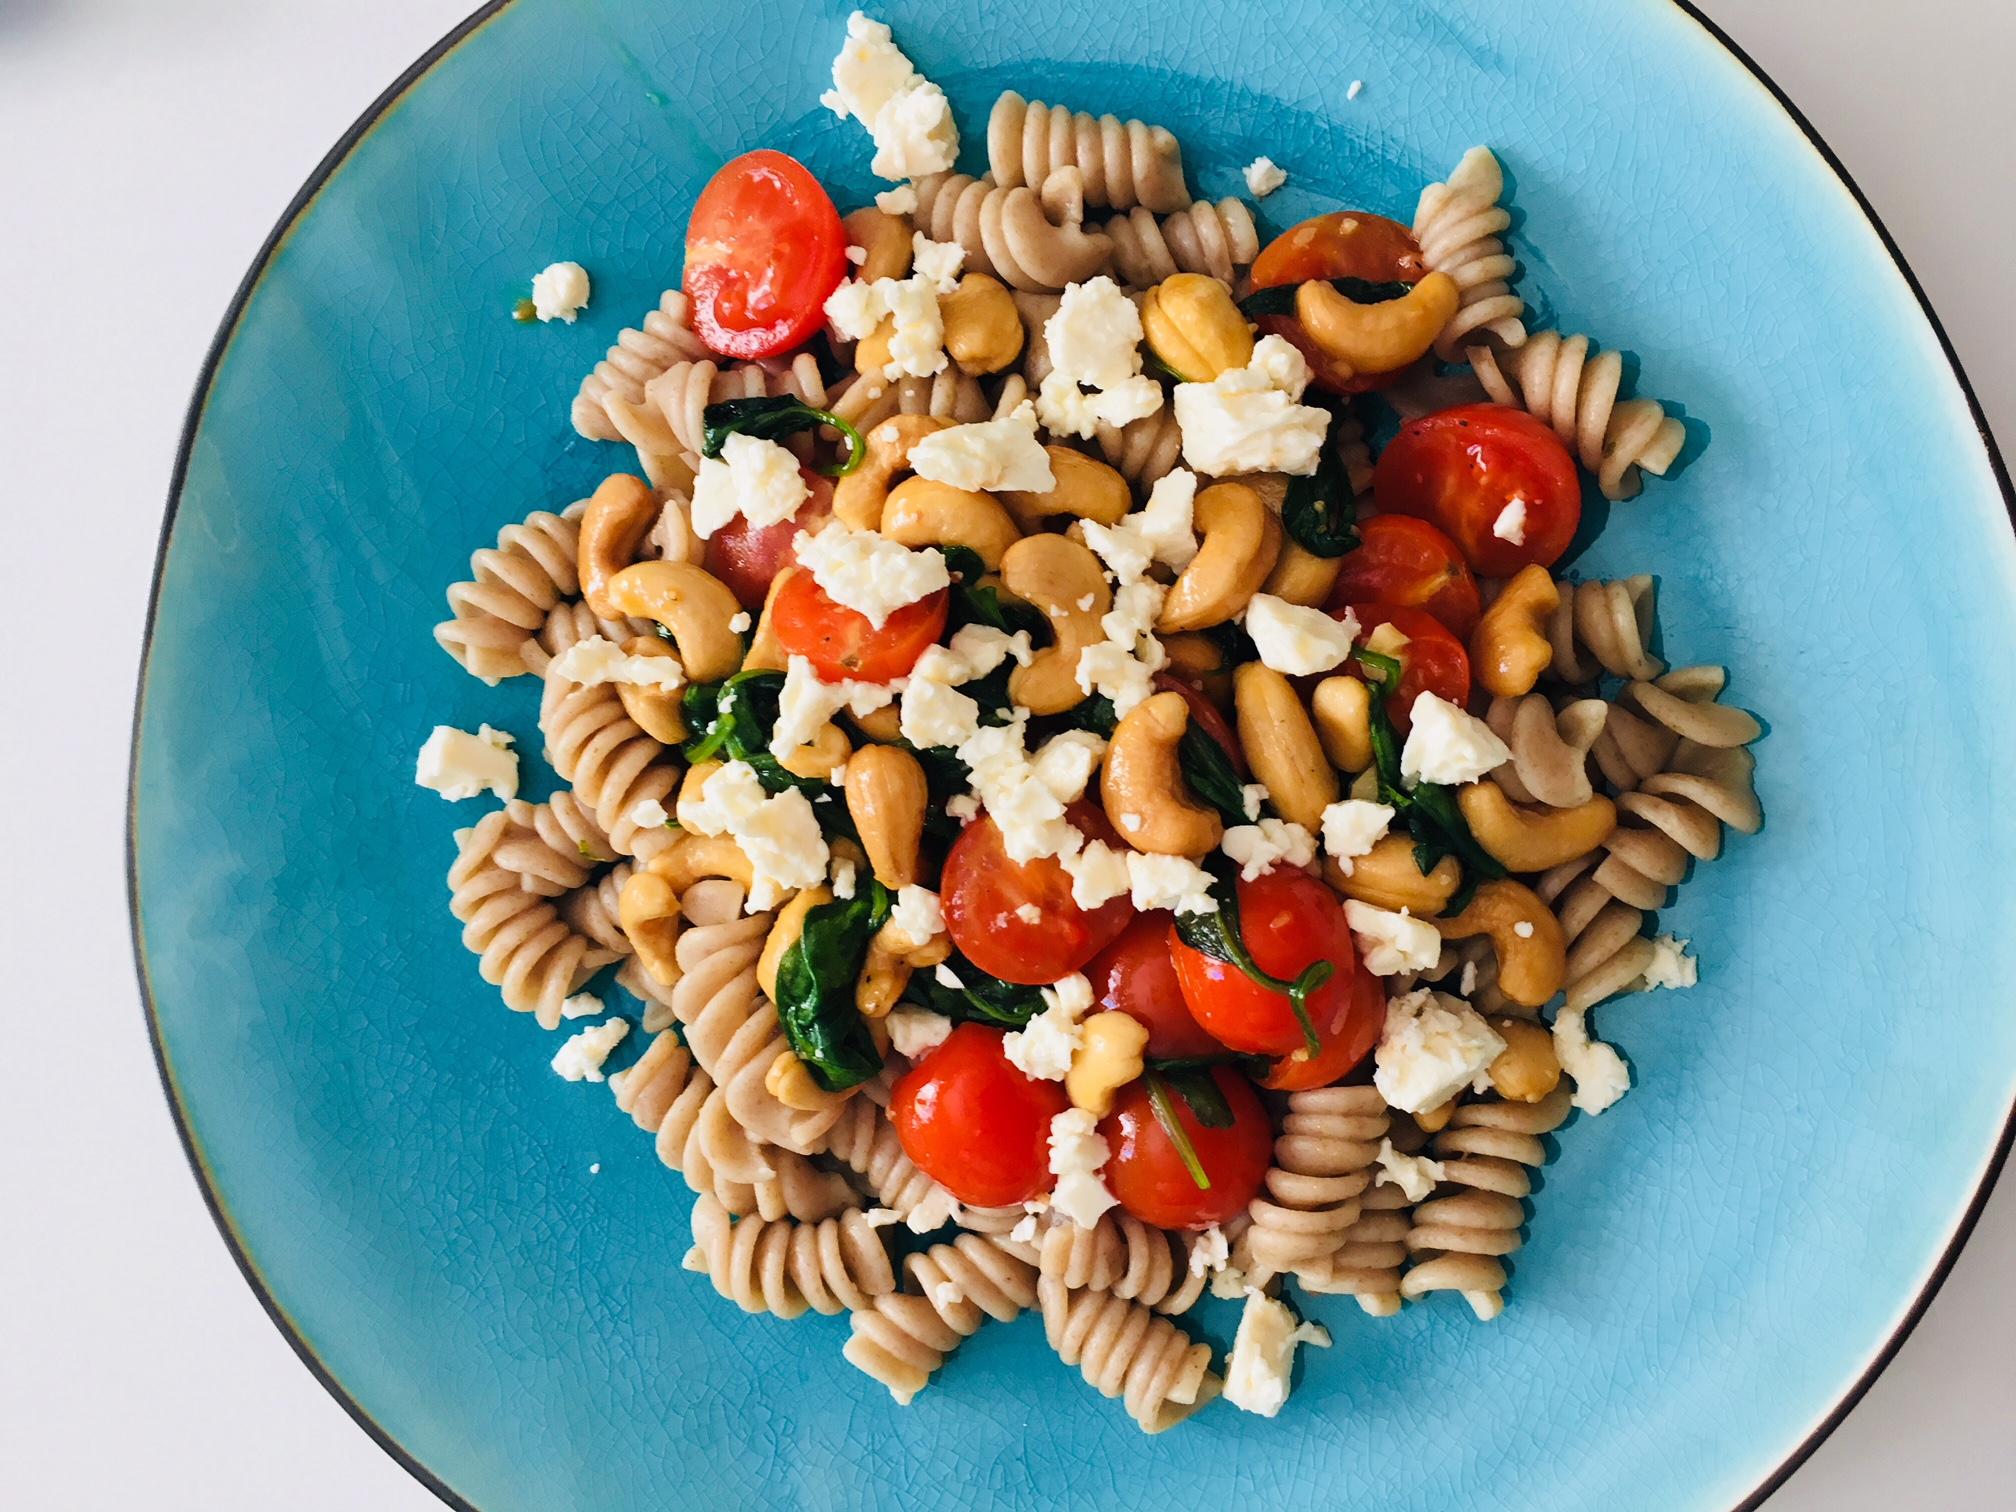 Ruokavalio avuksi painonpudotukseen ja lihasten kasvuun